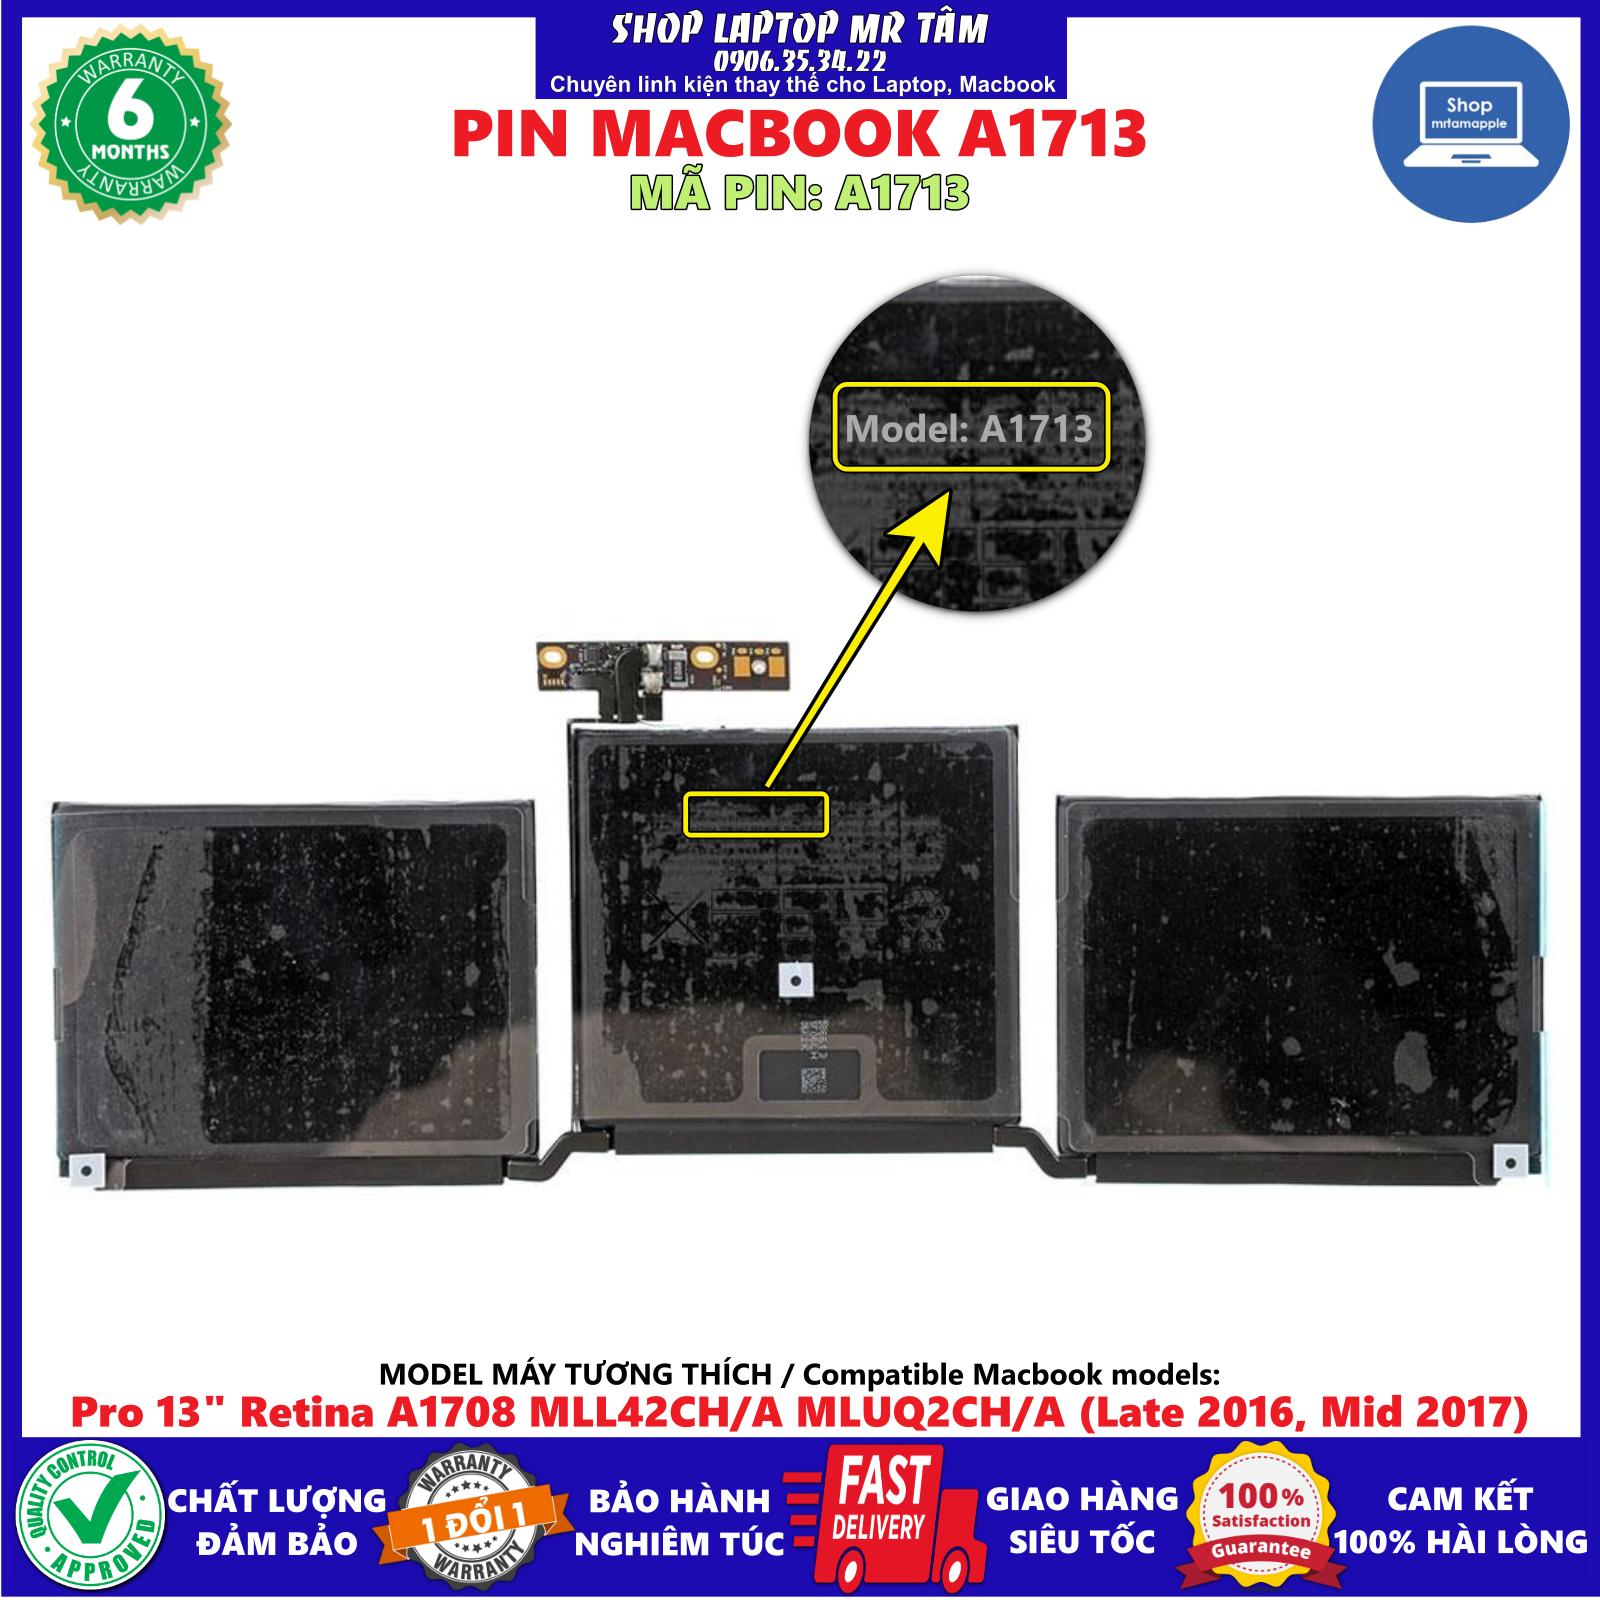 """Pin Macbook A1713 (zin) dùng cho Pro 13"""" Retina A1708 A1713 MLL42CH/A MLUQ2CH/A (Late 2016 Mid 2017), sản phẩm đúng mô tả chất lượng, bảo hành sản phẩm (1 đổi mới 1)"""